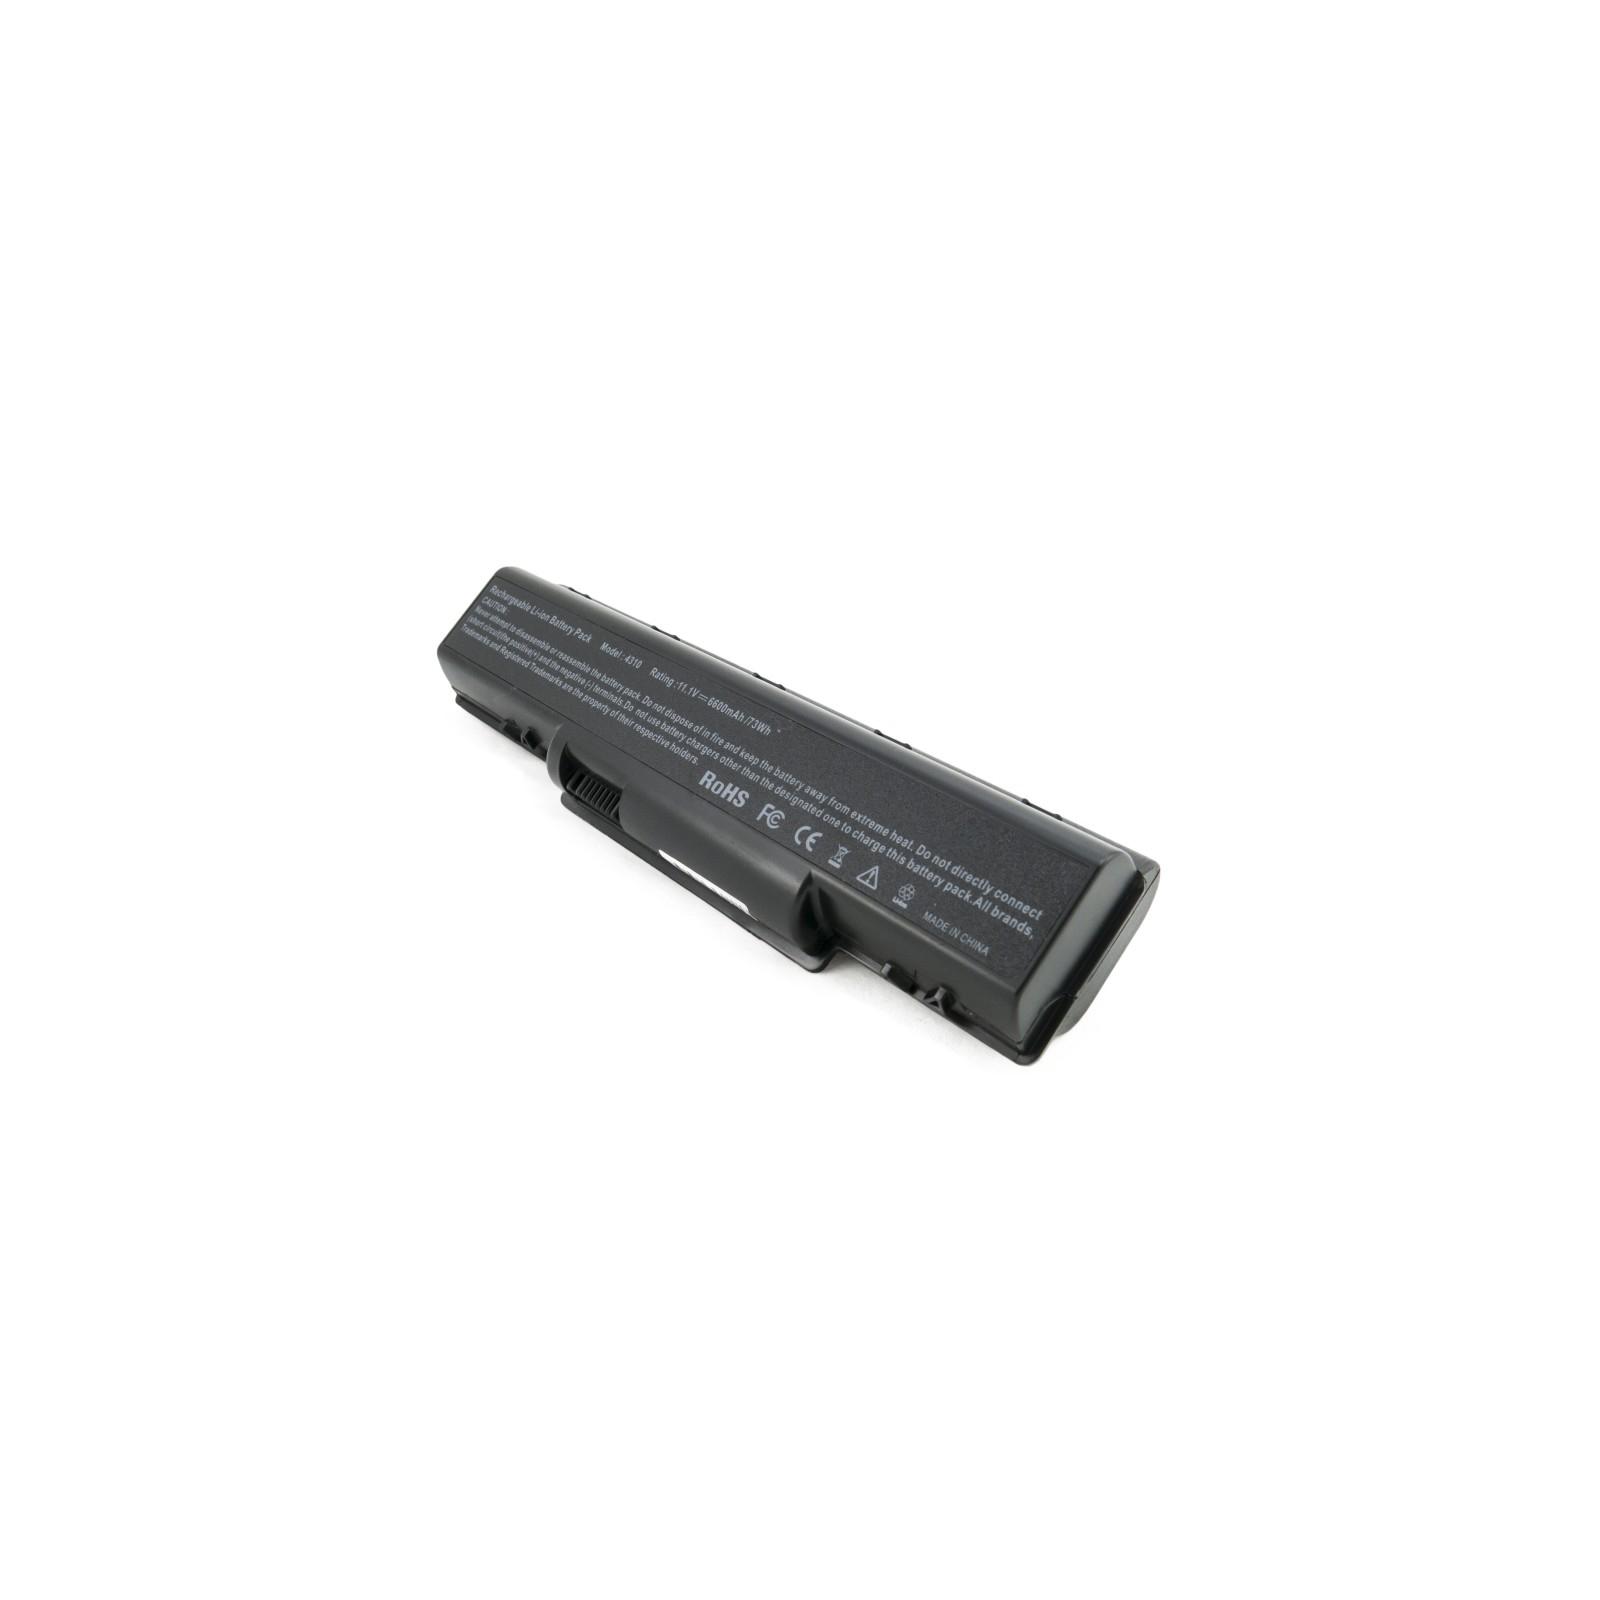 Аккумулятор для ноутбука Acer Aspire 4310 (AS07A41) 6600 mAh EXTRADIGITAL (BNA3907) изображение 2